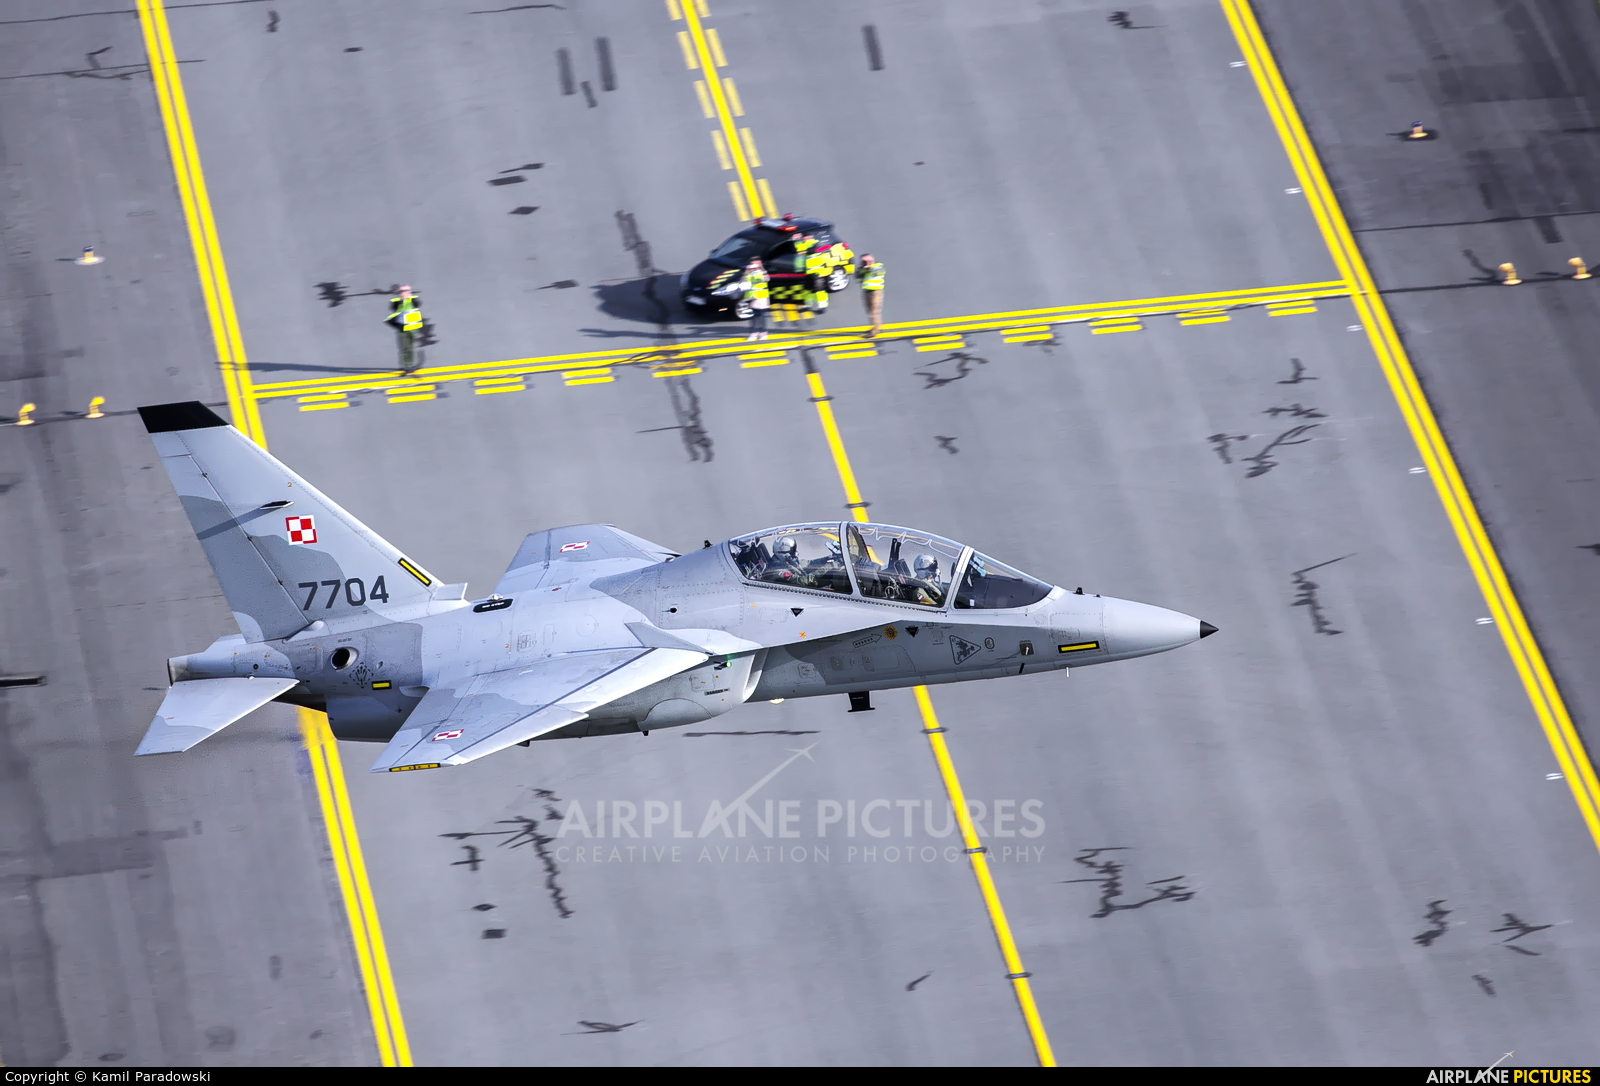 Poland - Air Force 7704 aircraft at Modlin